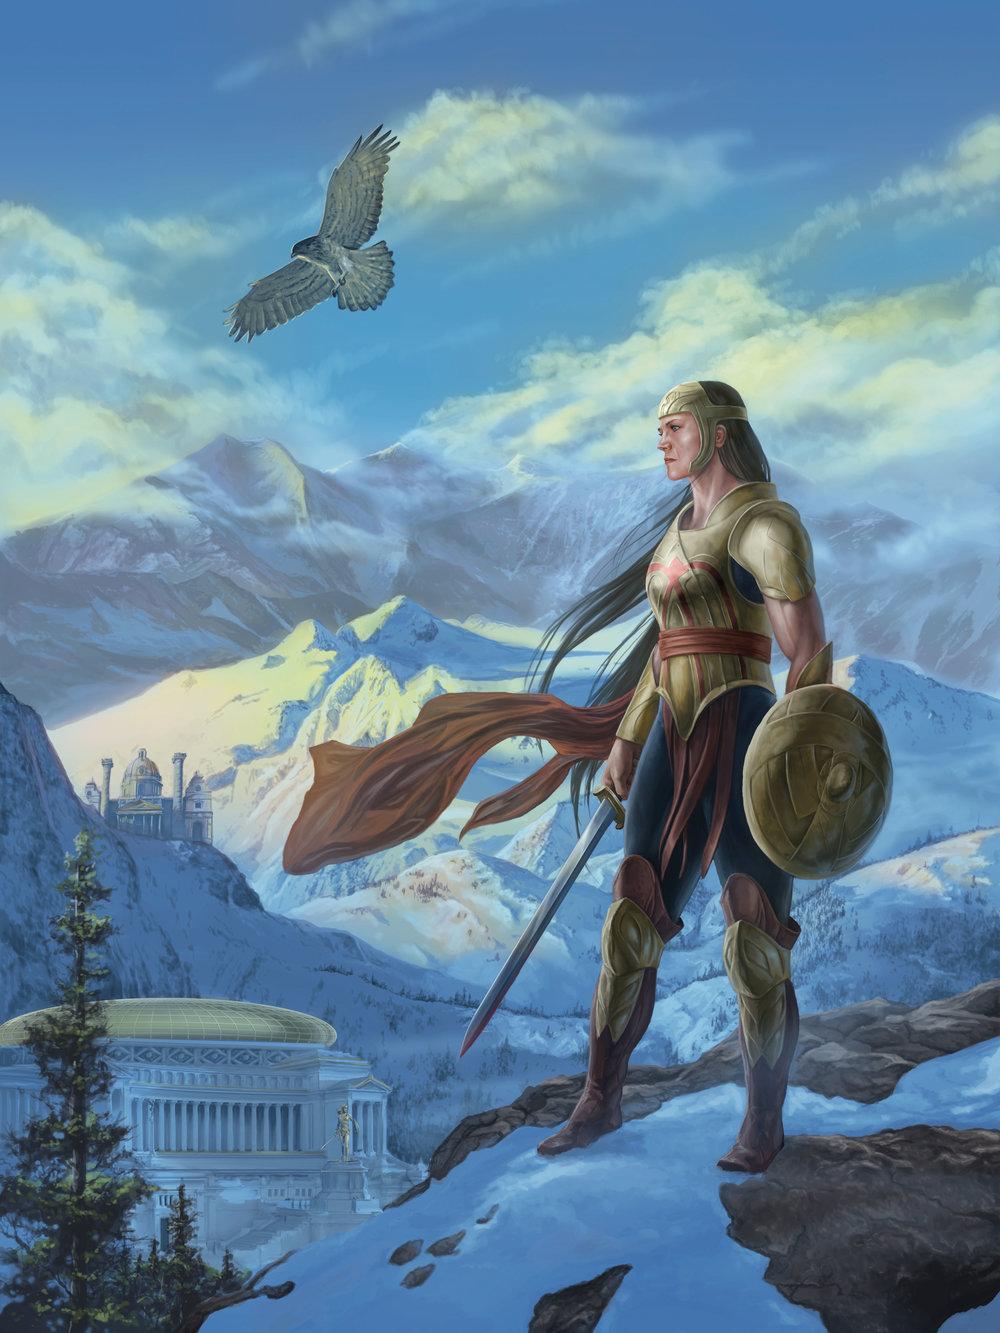 Woman of Themyscira